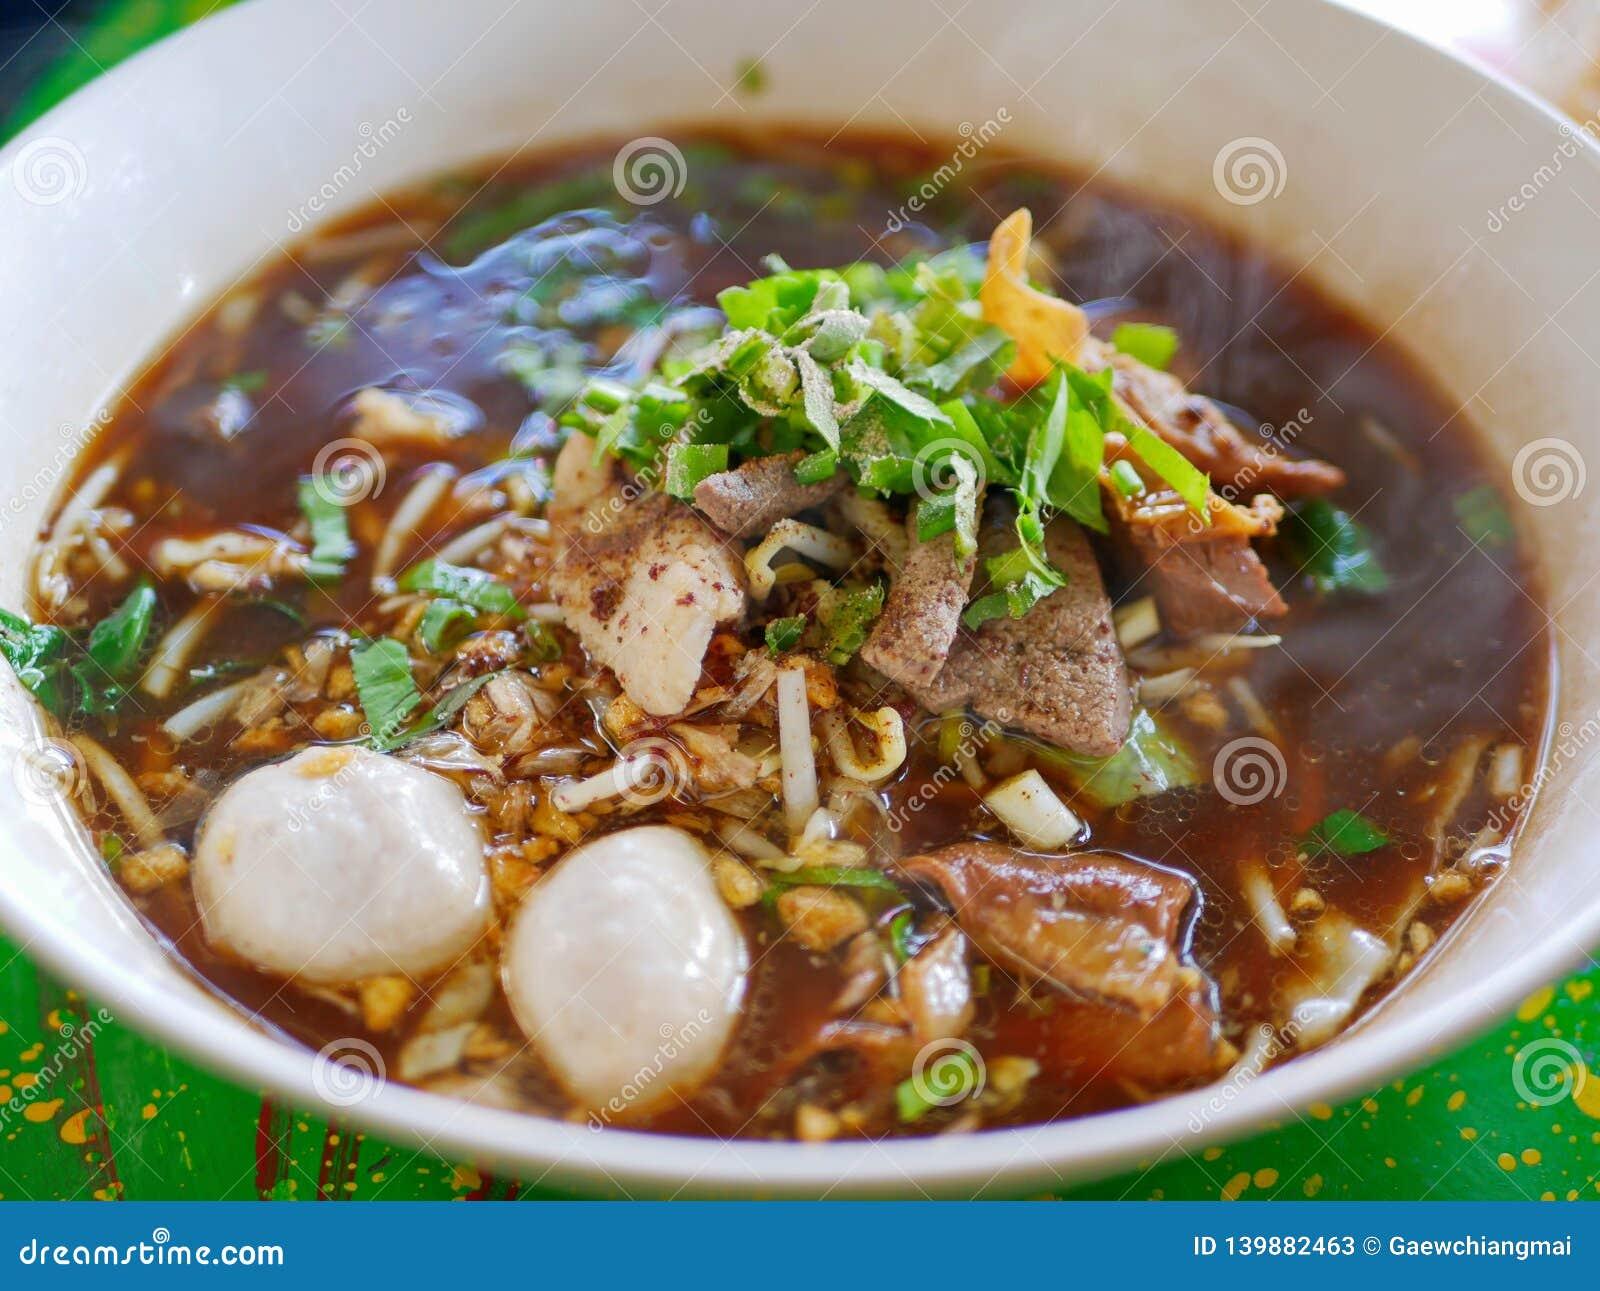 Verse noedelssoep met varkensvlees en zijn smakelijke dikke bouillon Guay Tiao Nam Tok Moo - heerlijk en gezond straatvoedsel in